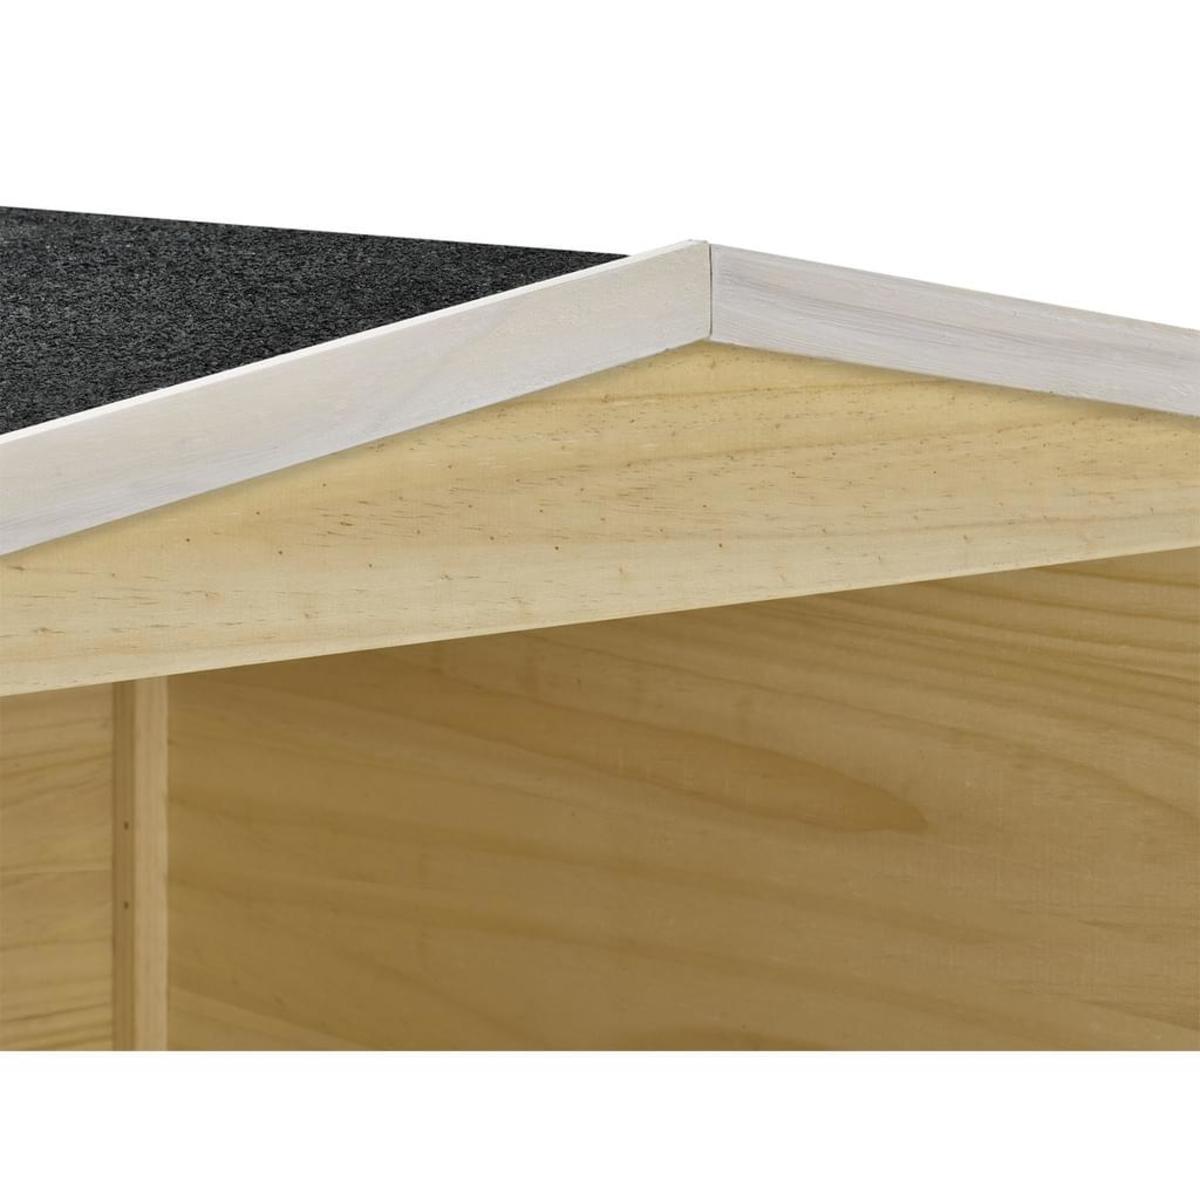 Bild 4 von Juskys Mähroboter-Garage M aus Holz mit wetterfestem Bitumensatteldach